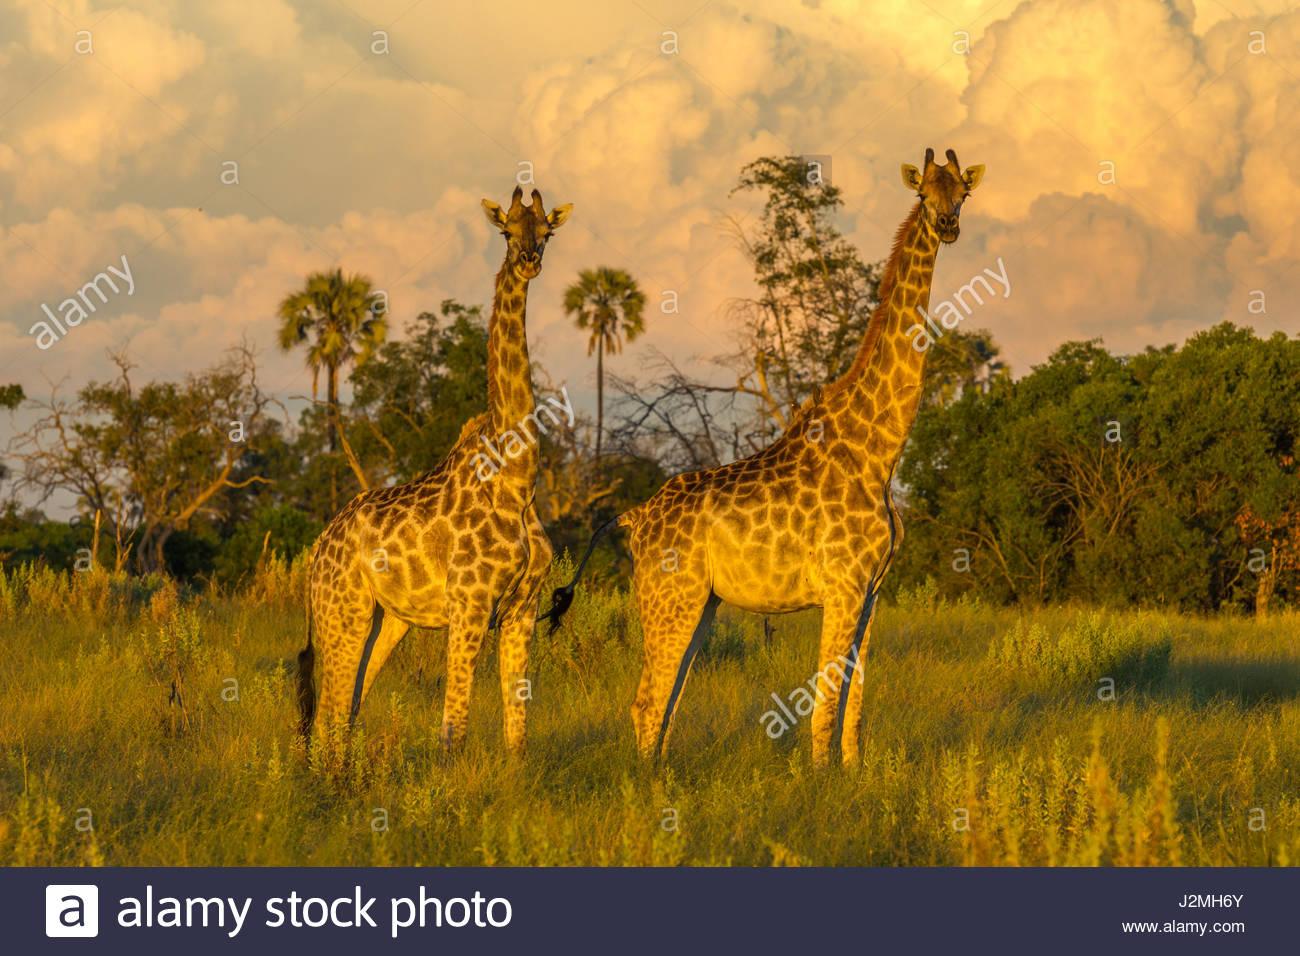 Ein paar der Giraffe in der Abendsonne als Gewitterwolken versammeln sich hinter ihnen. Stockbild